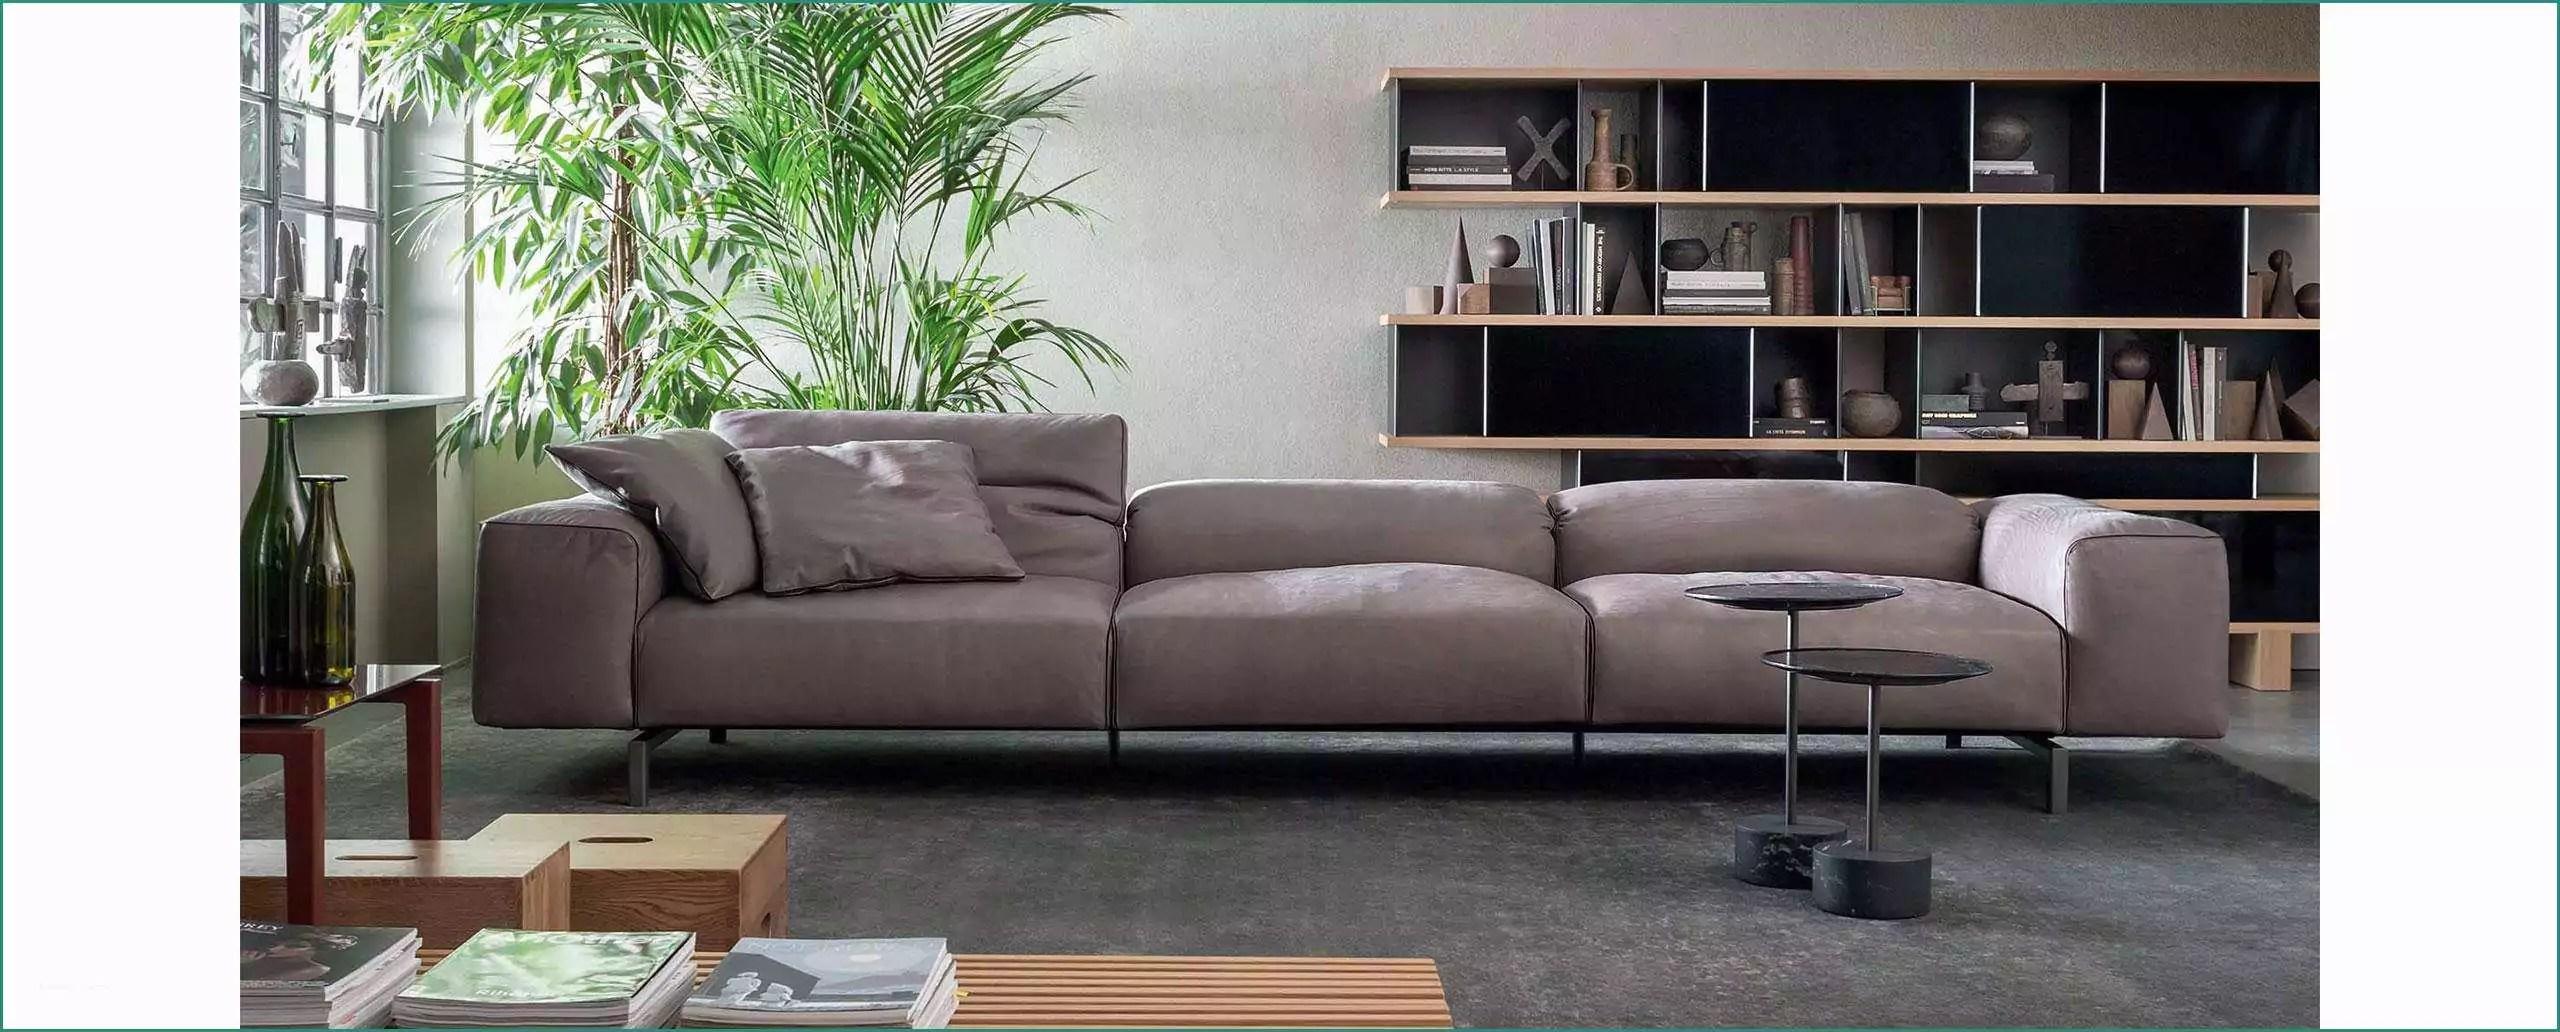 Flexform Banken Outlet   Ad Hoc Solitaires Meeting Square Table ...